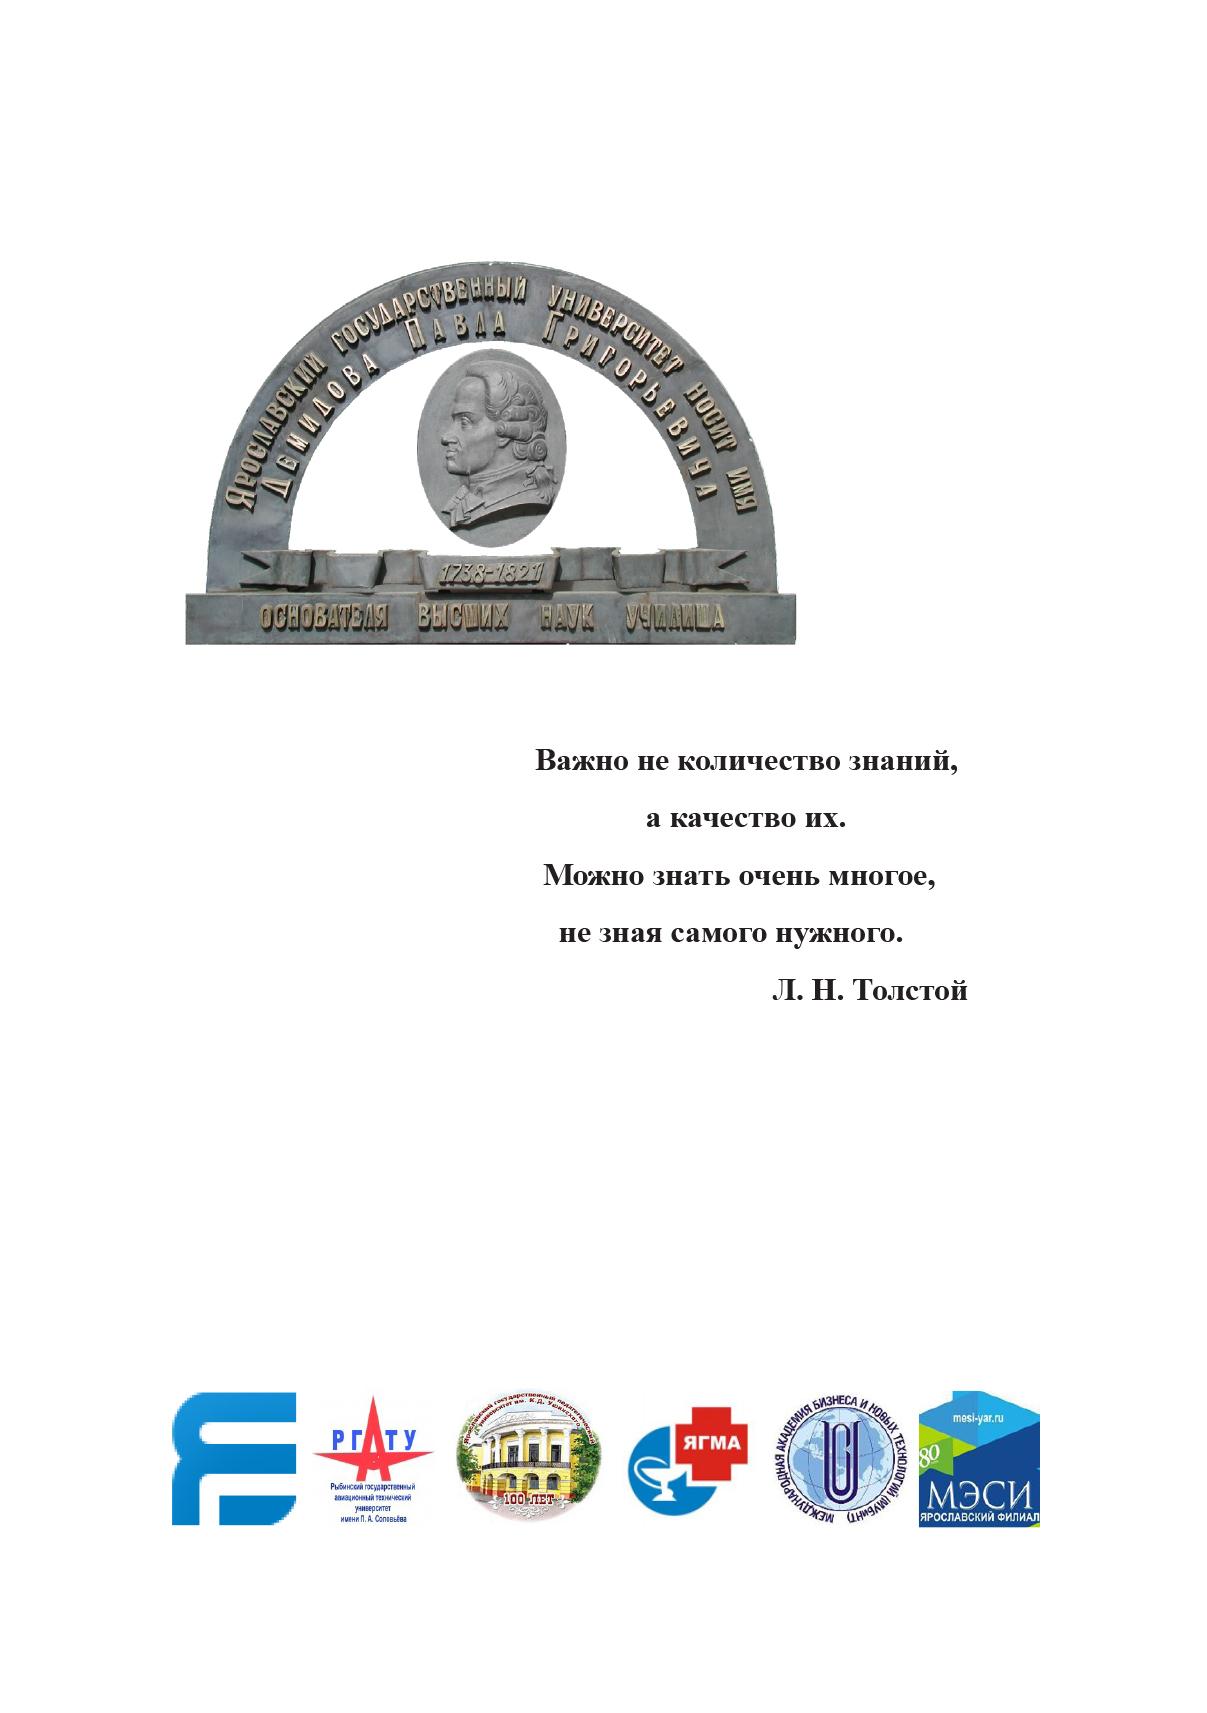 Коллектив авторов Актуальные проблемы совершенствования высшего образования коллектив авторов проблемы и перспективы реализации билингвизма в техническом вузе